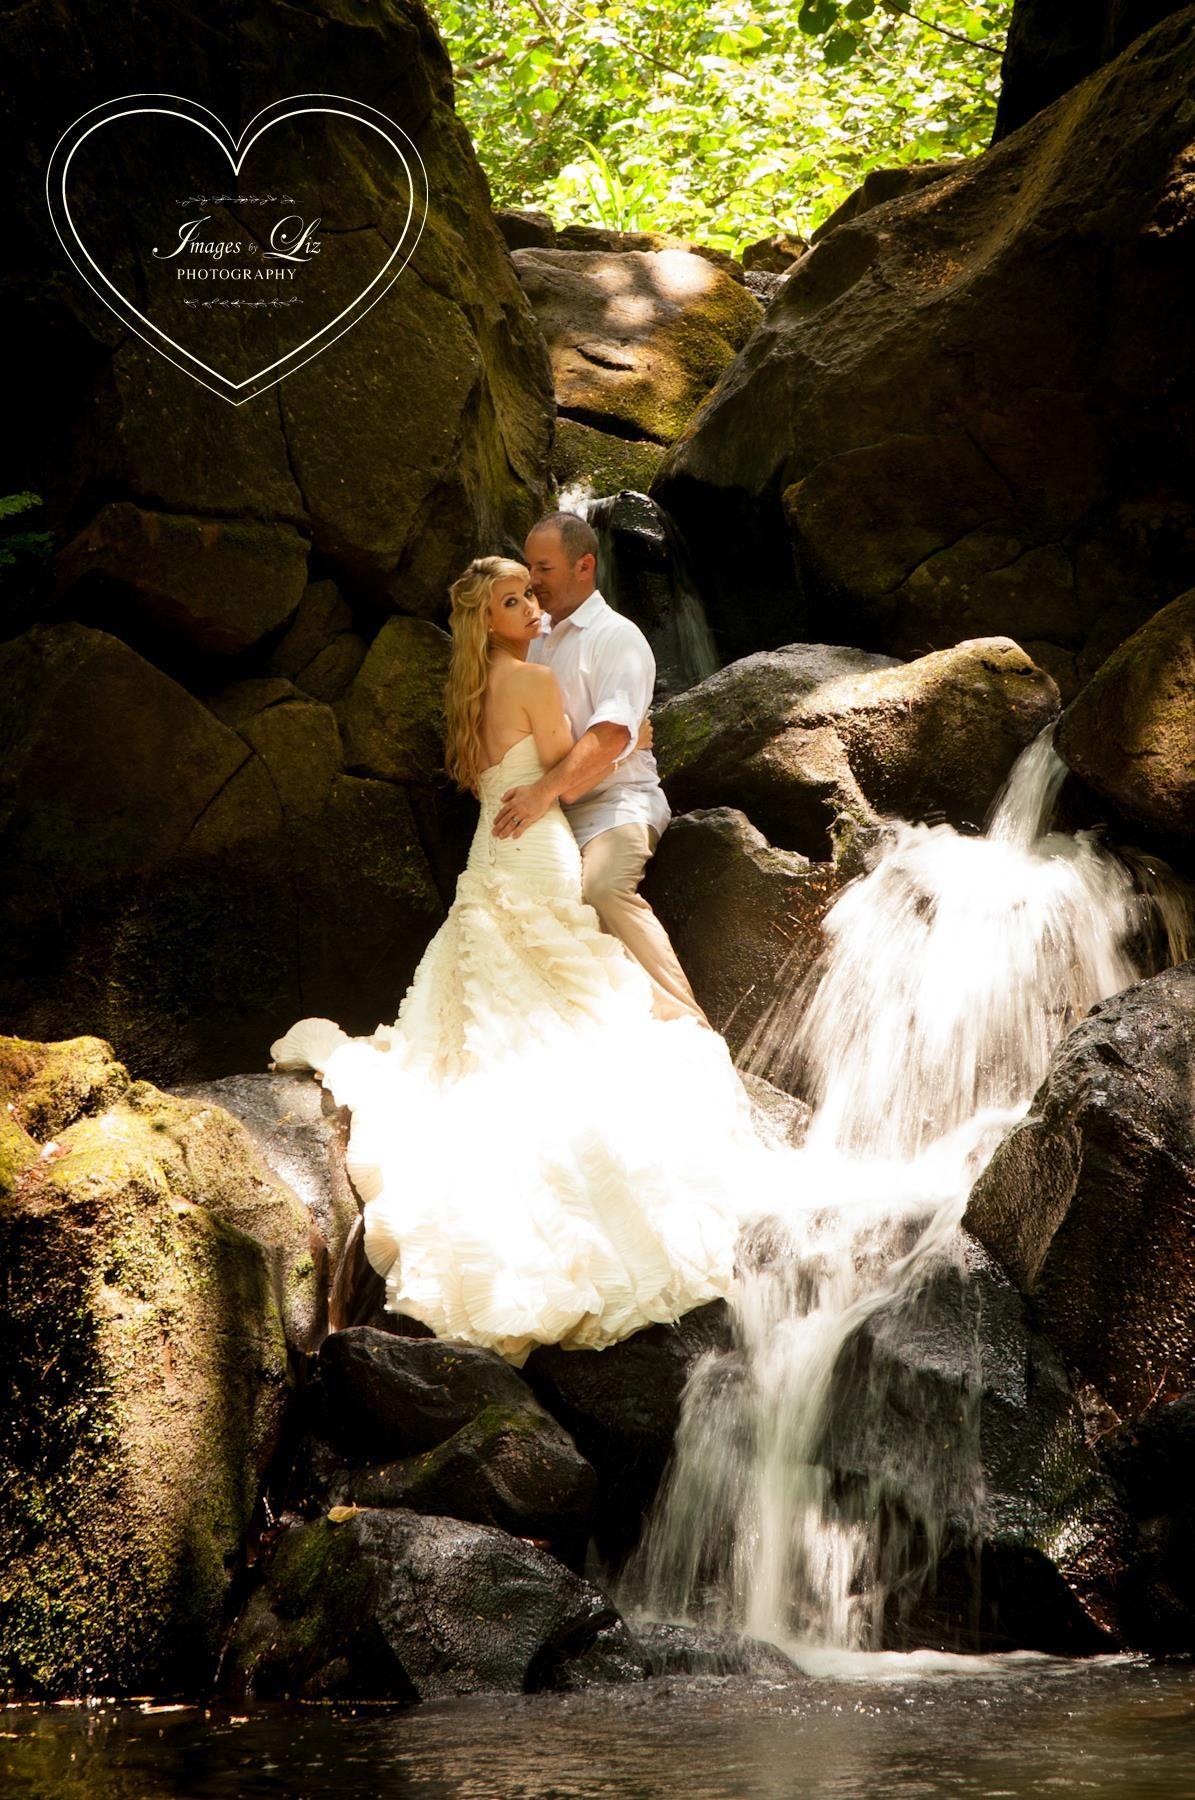 Wedding On The Waterfall Kauai Hawaii Interesting